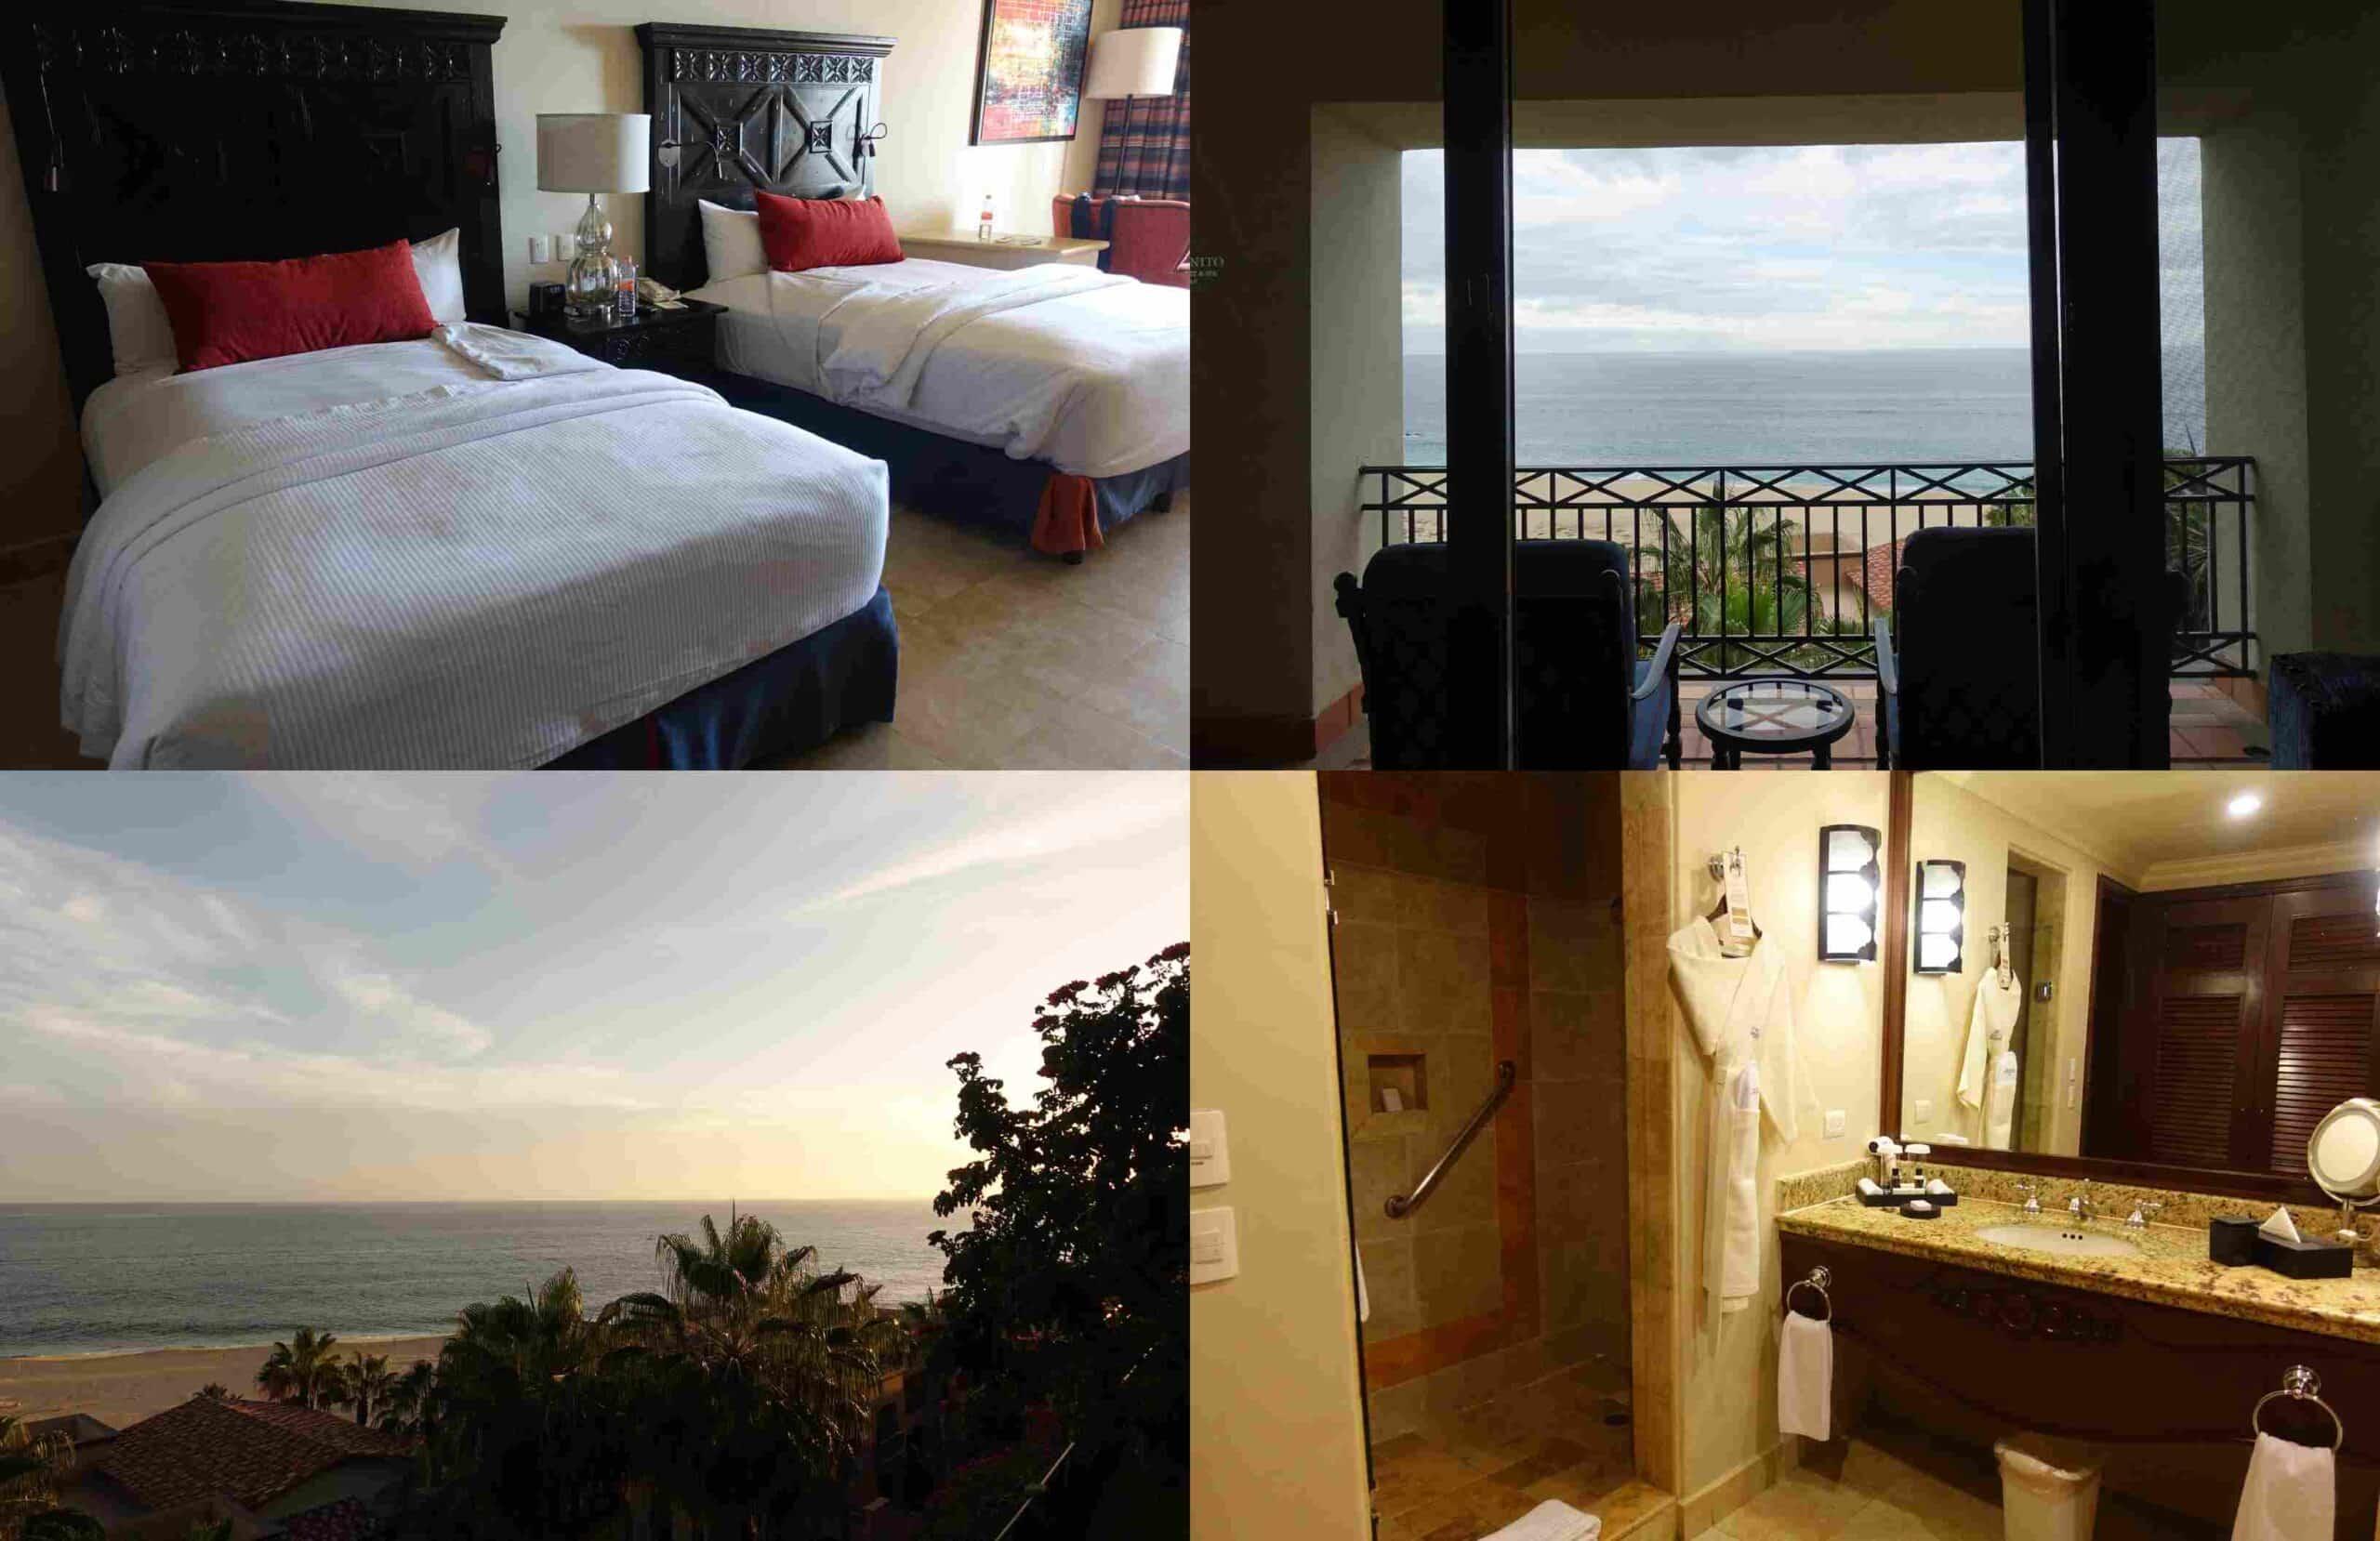 The Pueblo Bonito Sunset Beach & Spa Resort, Cabo San Lucas, Mexico